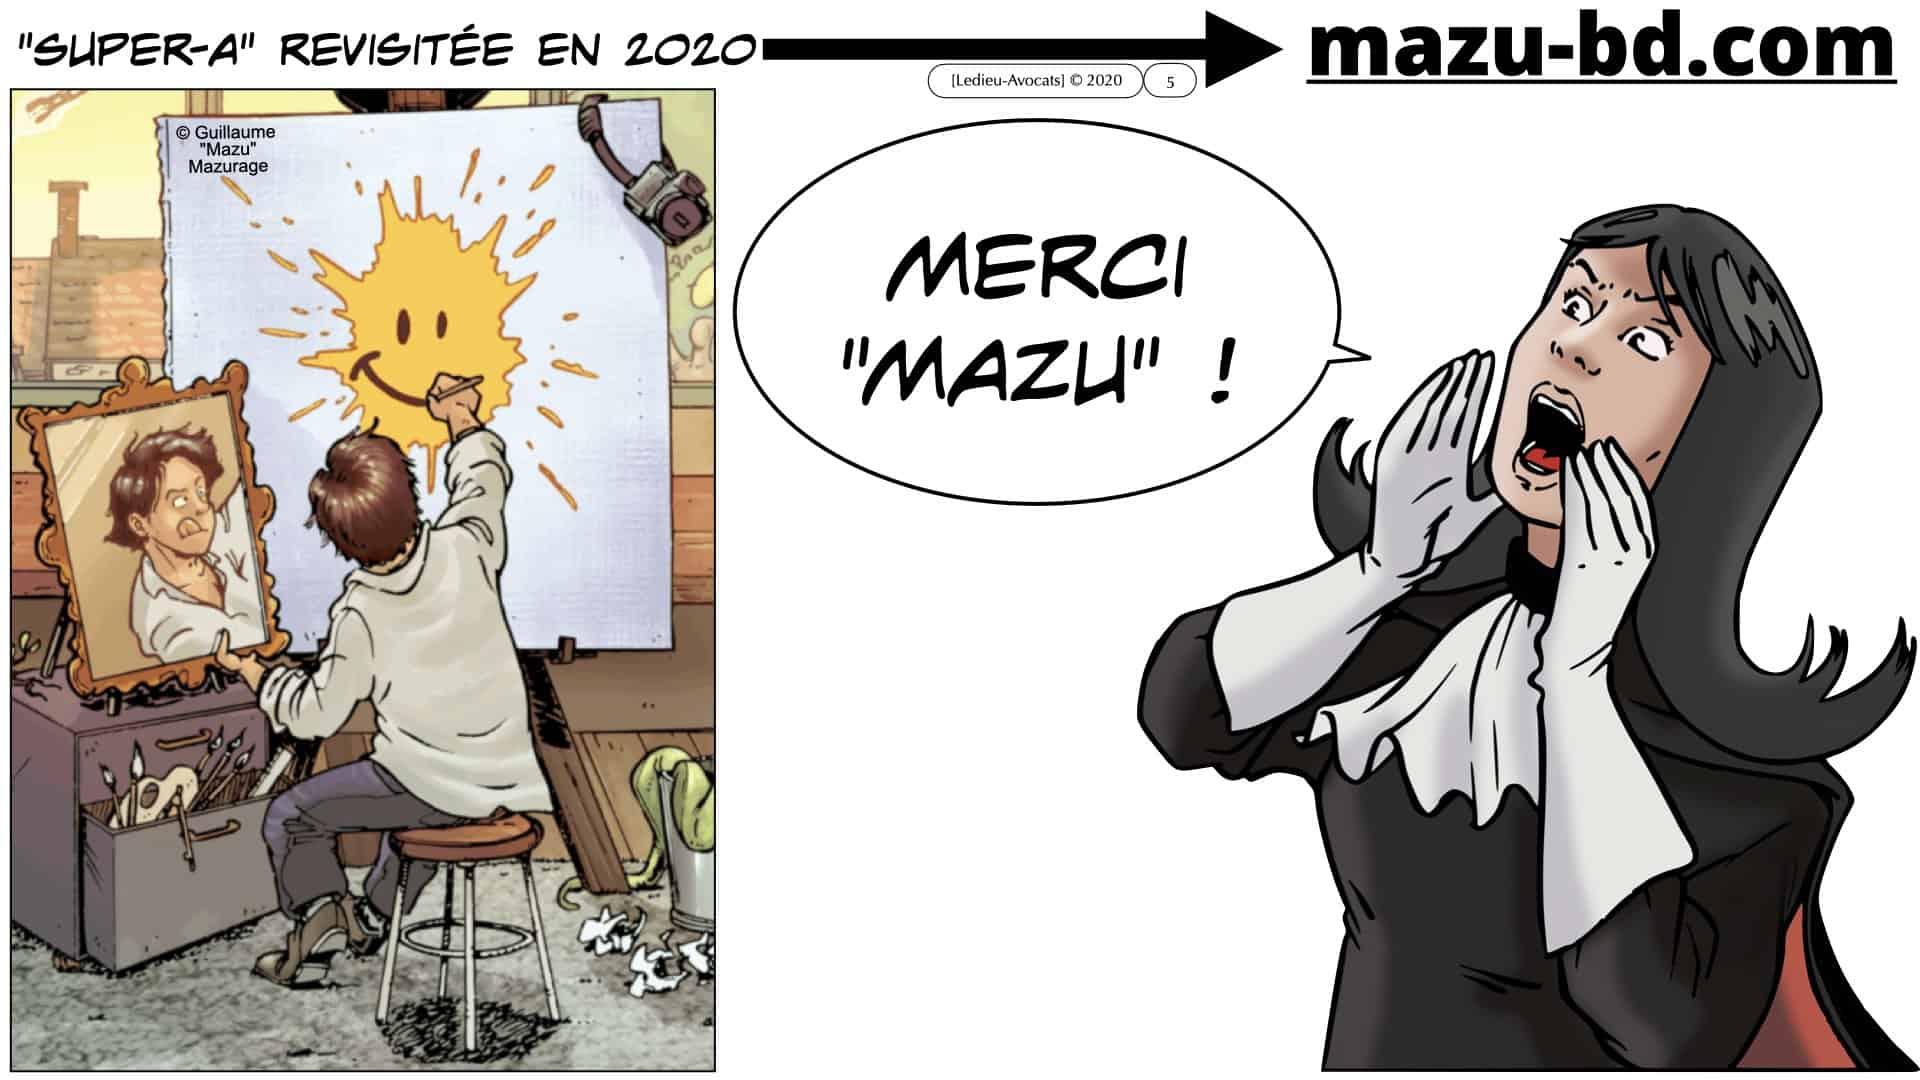 ---> BLOG + CONF °°°° générique ©Ledieu-Avocats 30-03-2021 ***16:9***.005